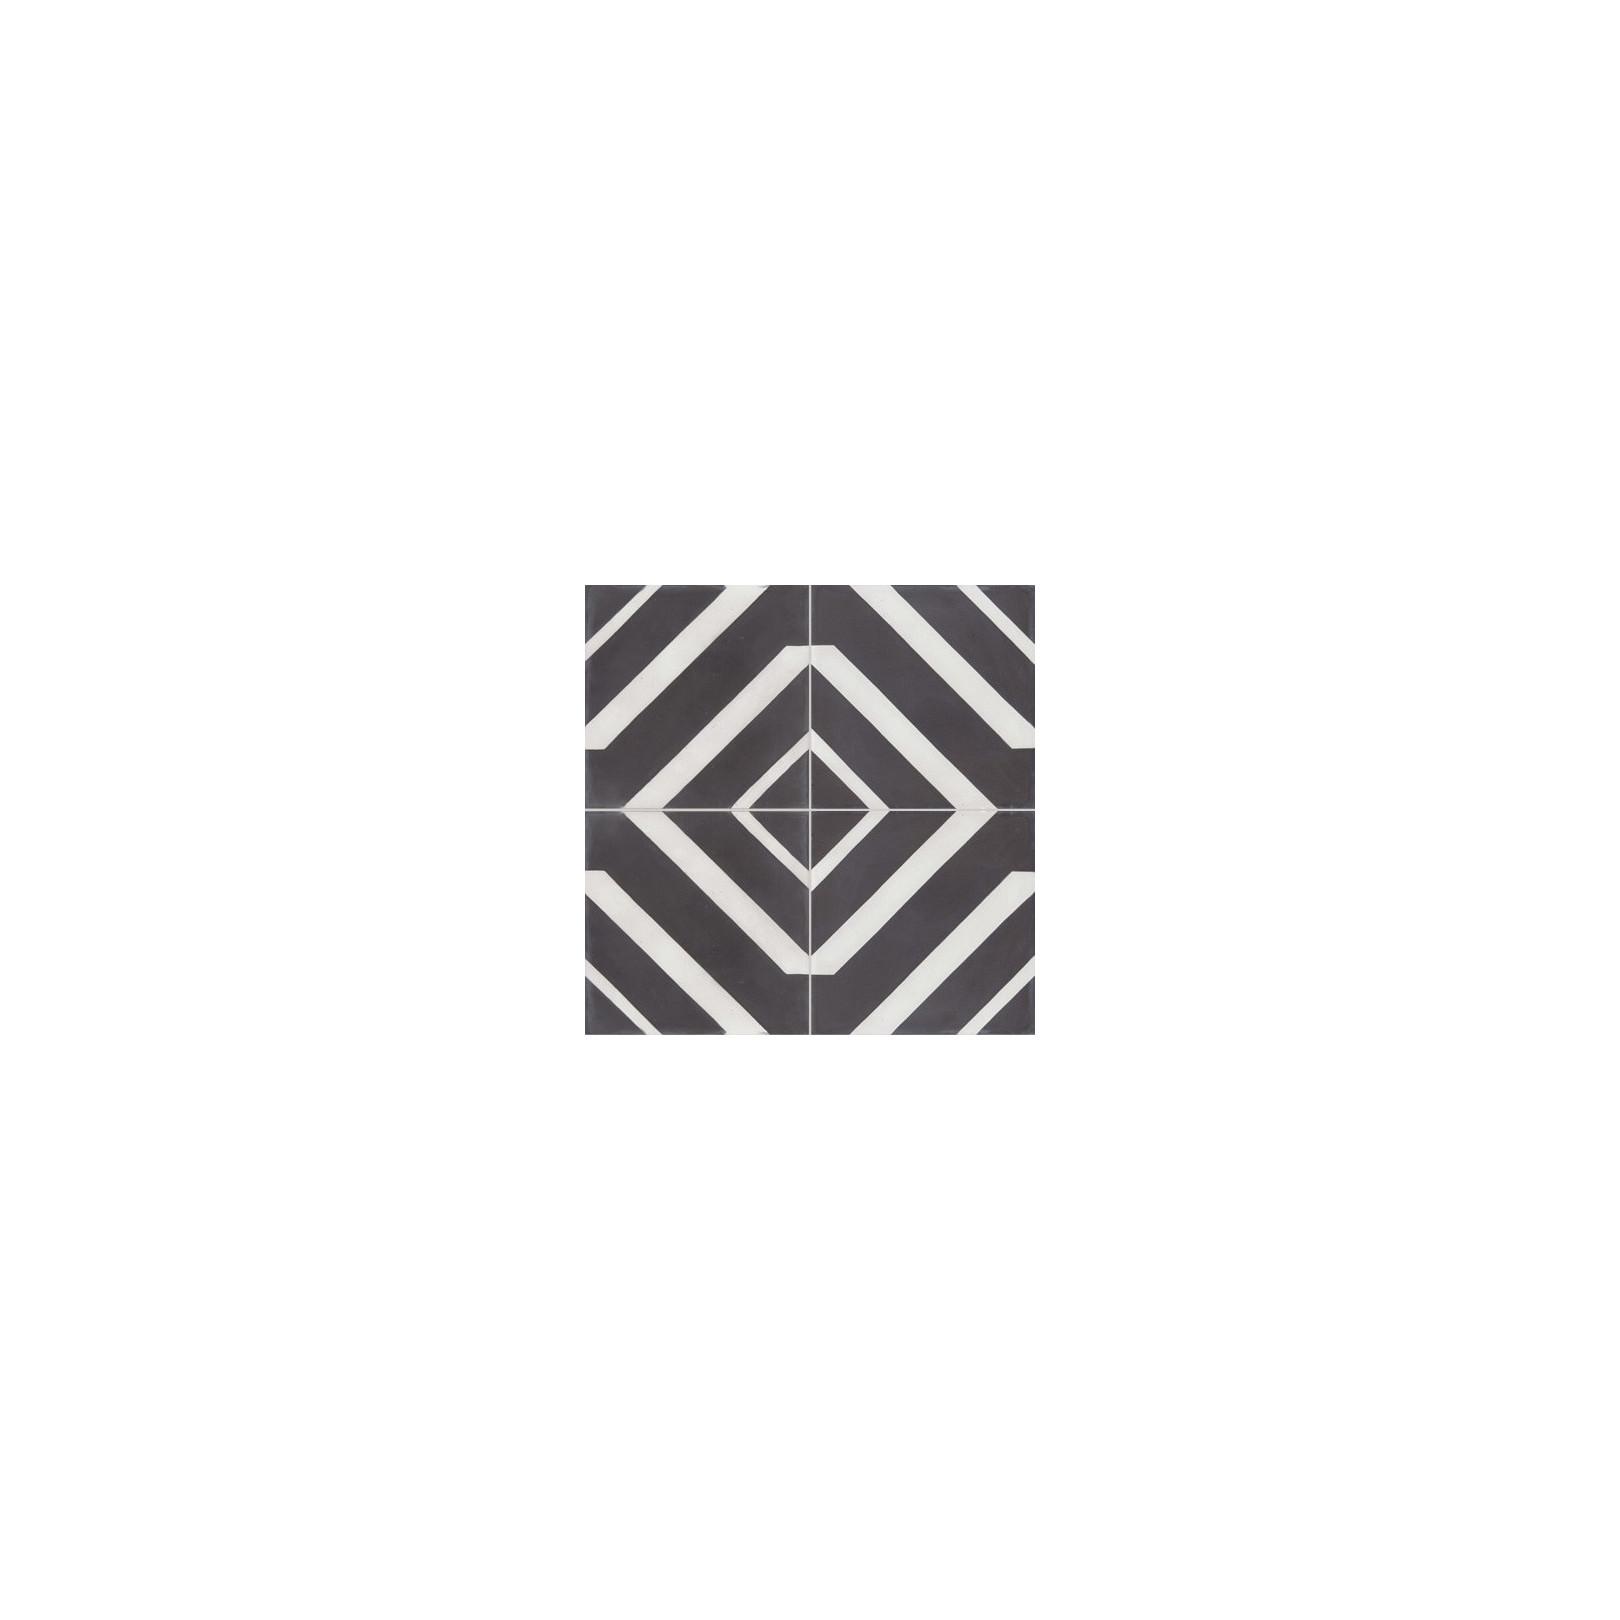 Carreau de ciment coloré motif 4 carreaux noir et blanc BARBADE 01.10